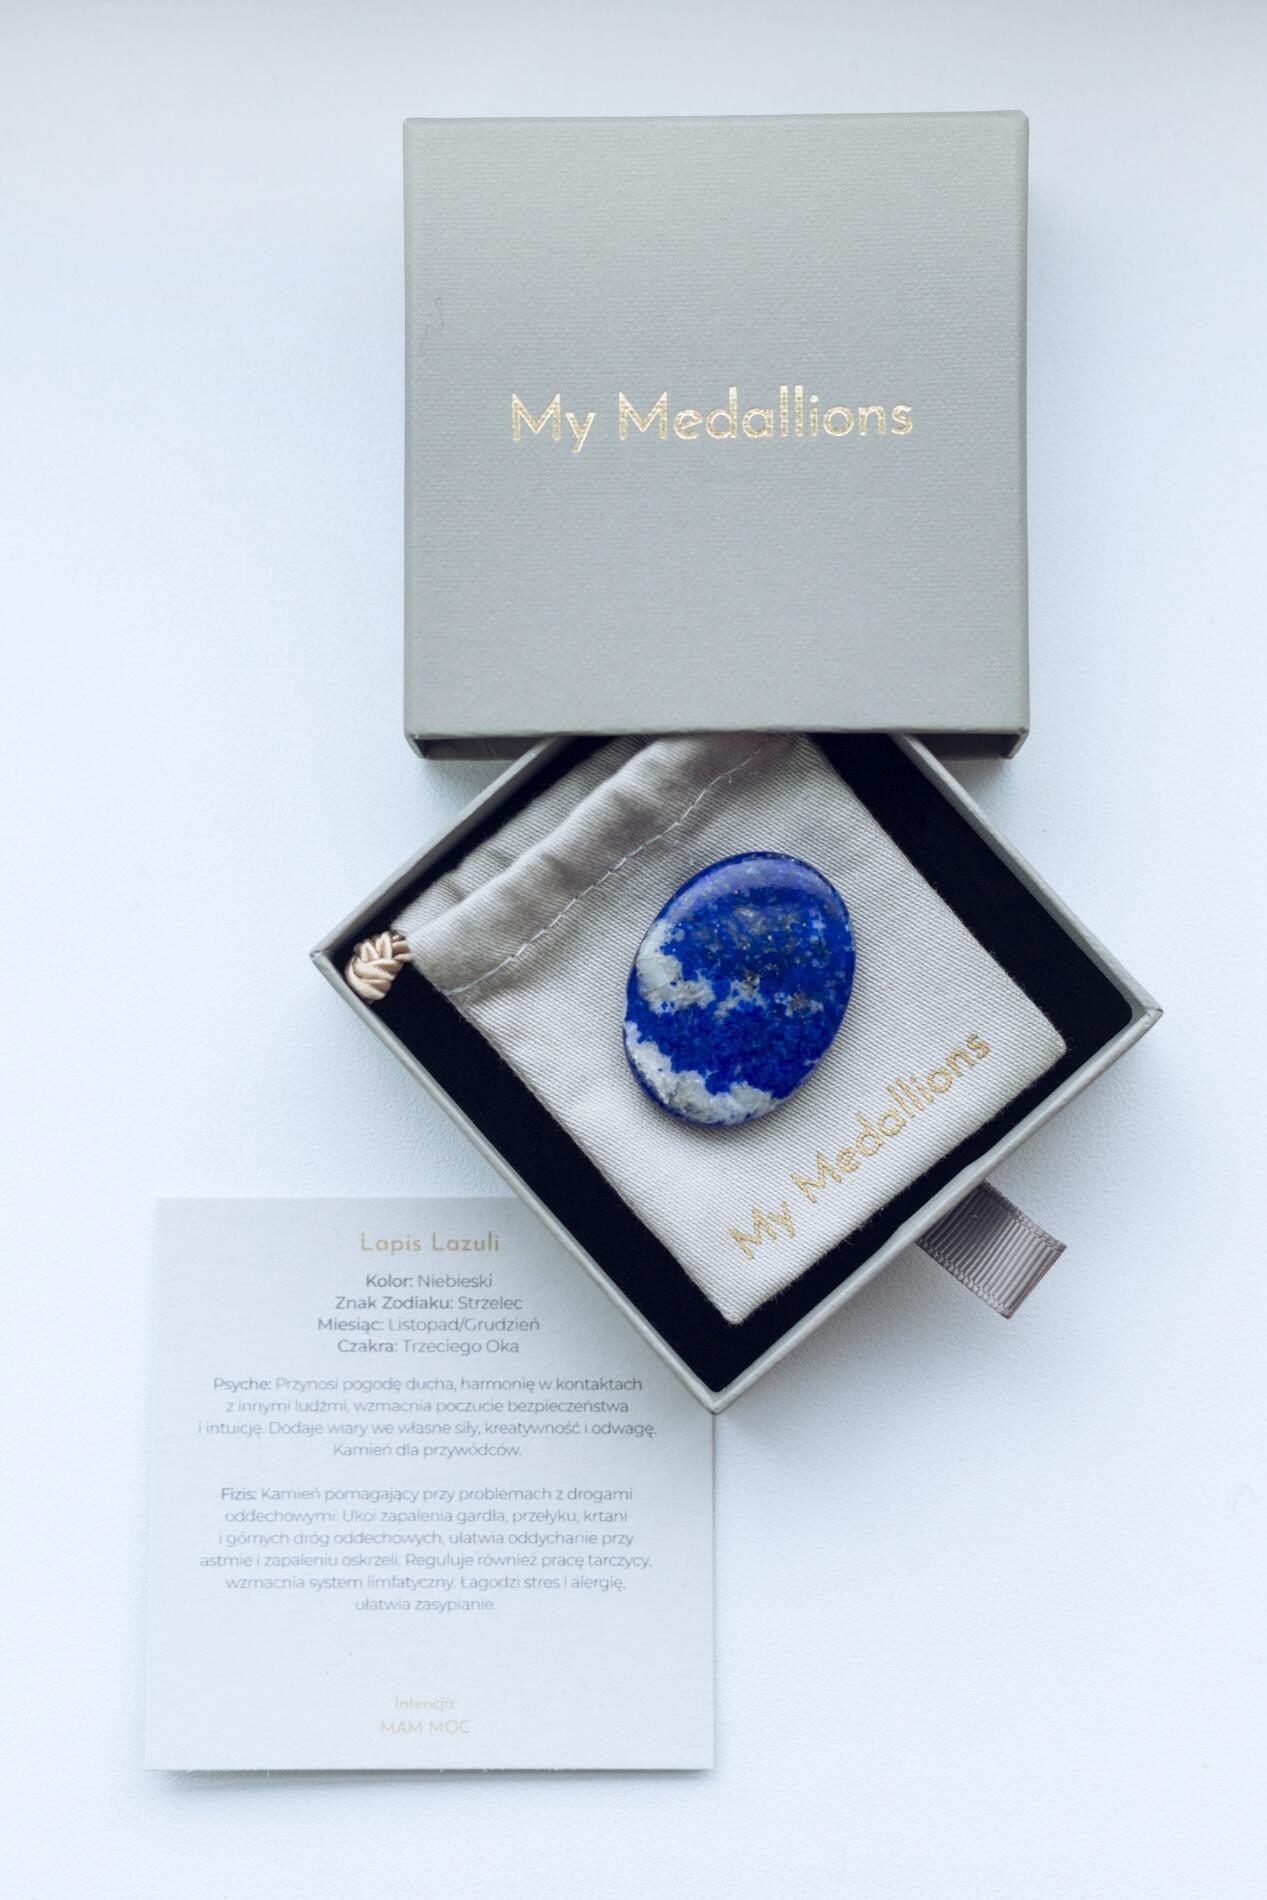 My Medallions Teardrop Kwarc Różowy - Yoga Retreatment | JestemSlow.pl